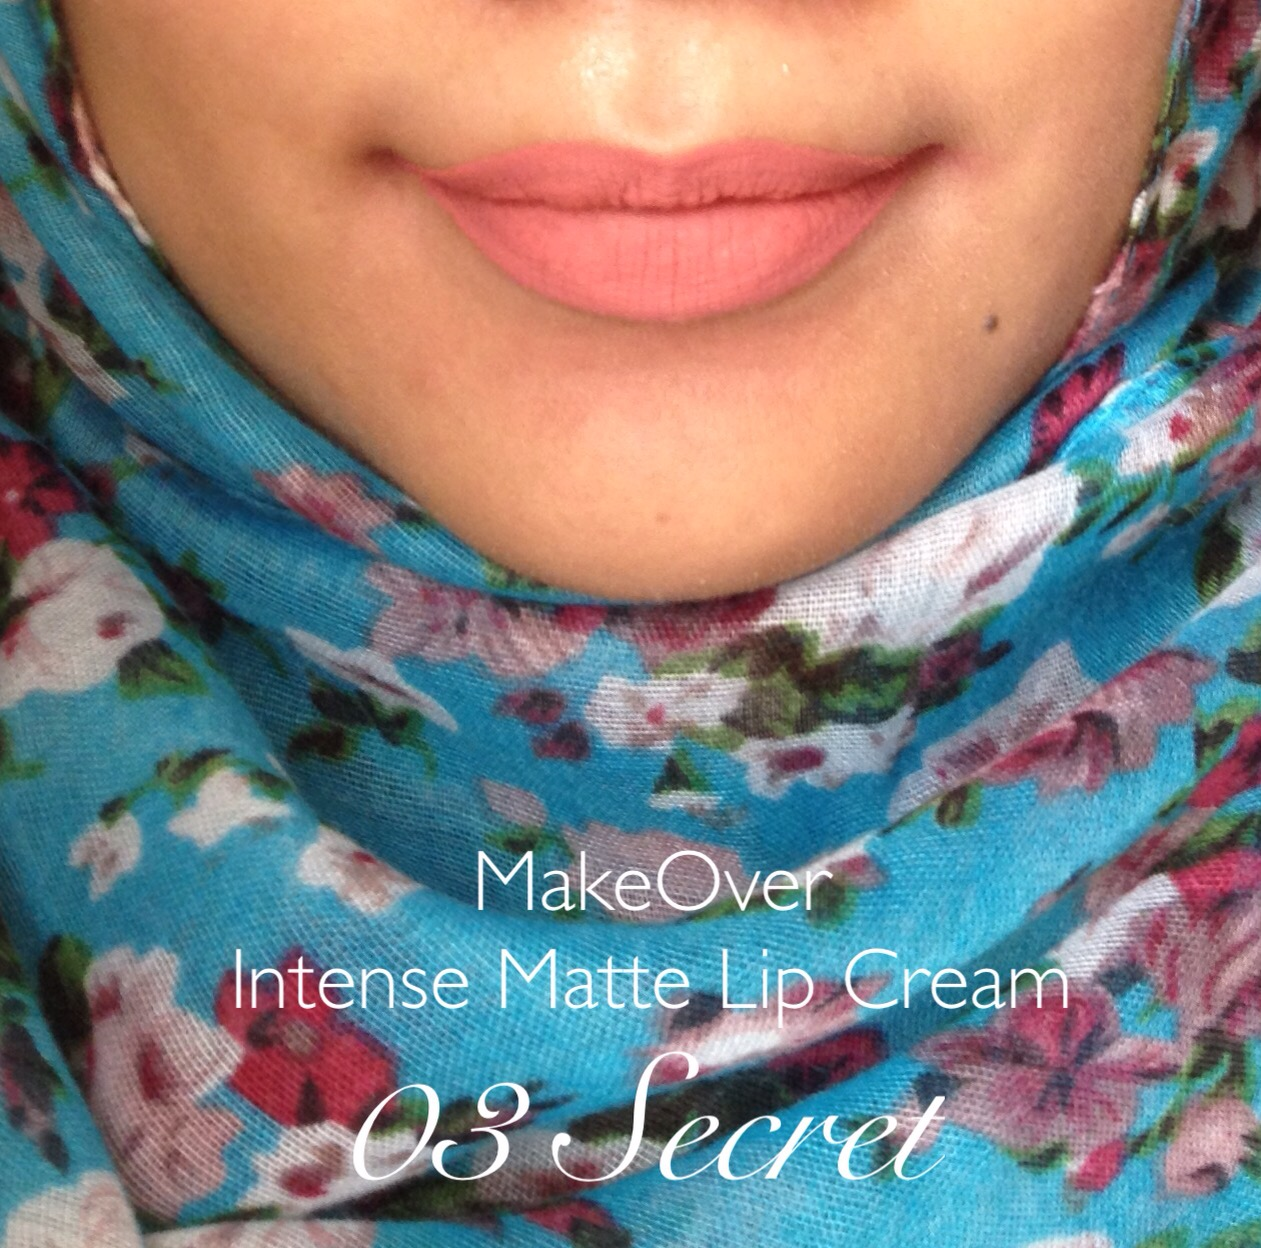 Make Over Intense Lip Cream 03 Secret 65gram Daftar Harga Terbaru Matte Lipcream Source Dannn Syukur Alhamdulillah This Is My Kind